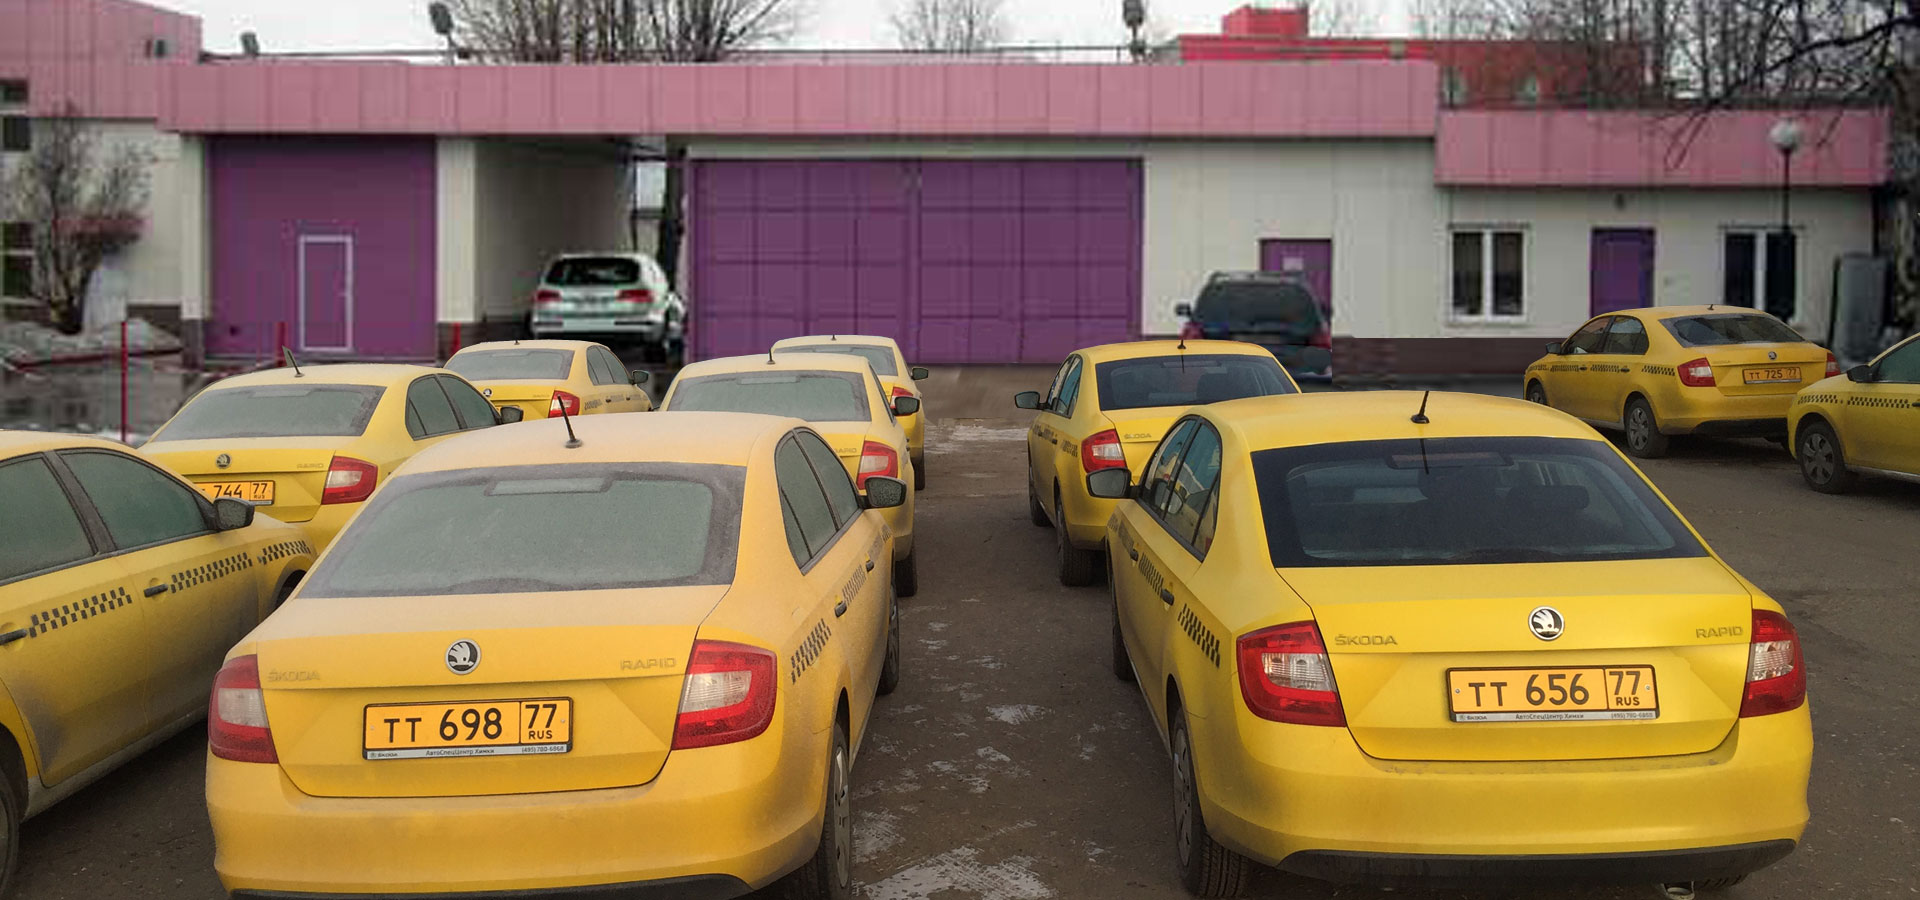 Установка ГБО <strong></noscript>на такси</strong>»/></p> <h2>Установка ГБО <strong>на такси</strong></h2> <p>Лучшие условия, каждая 15-ая машина бесплатно! <br/>Неограниченная гарантия на любой пробег!</p> <h2>Центр установки гбо + интернет магазин</h2> <p>У нас вы можете установить ГБО на свой автомобиль или заказать компоненты газобаллонного оборудования через наш интернет-магазин с доставкой по всей России или самовывозом в Москве.</p> <h2>Наш автосервис</h2> <p><img src=